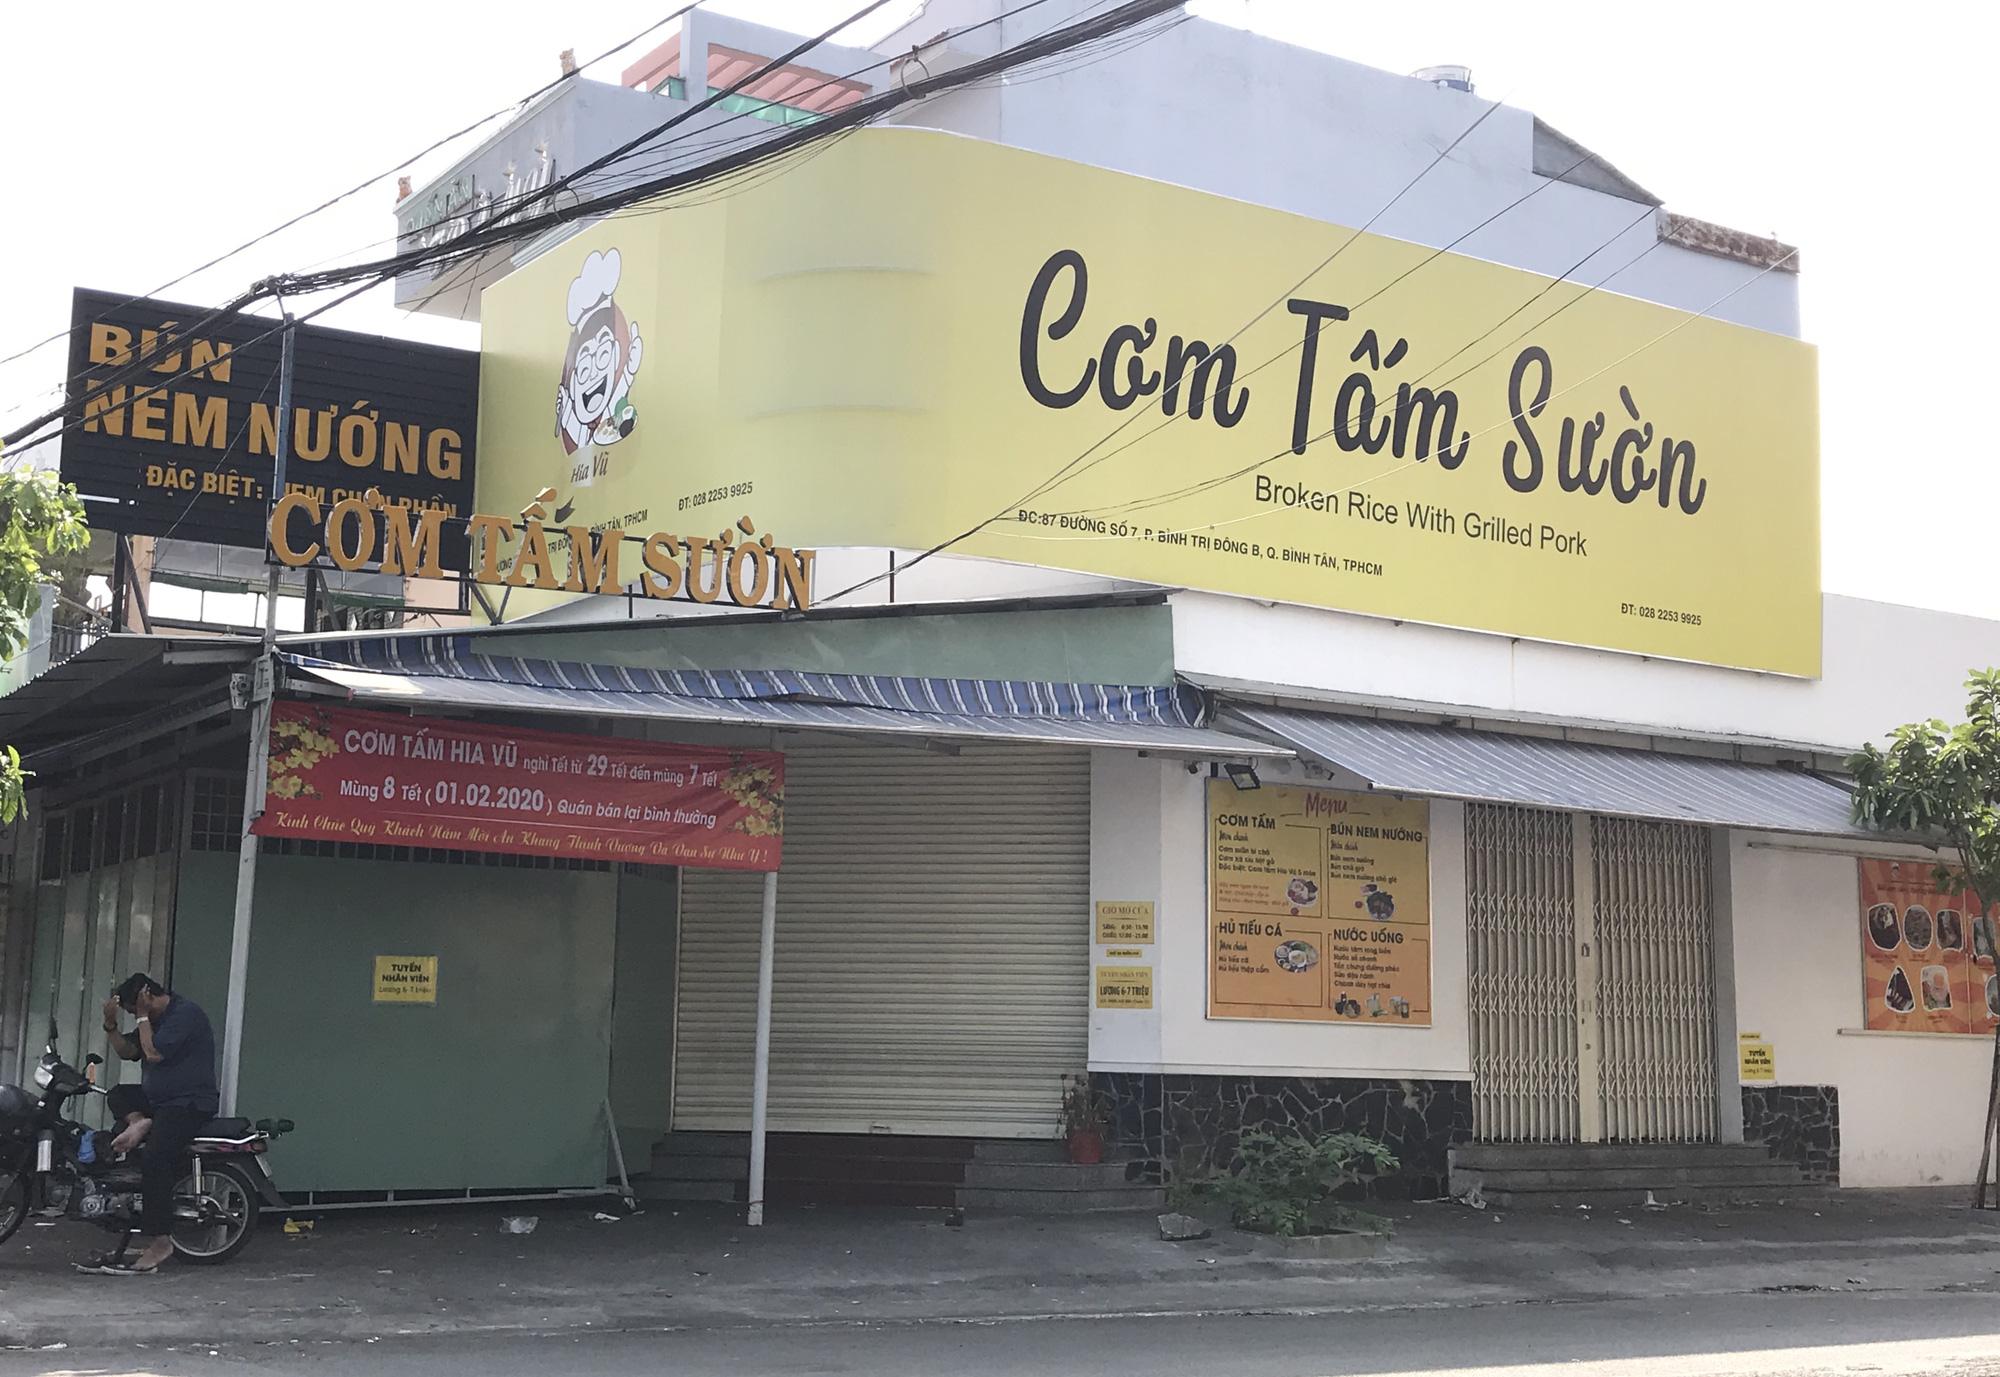 Hàng quán Sài Gòn còn ăn Tết, đóng cửa im ỉm, chưa khai trương dù đã bước qua mùng 7 - Ảnh 3.